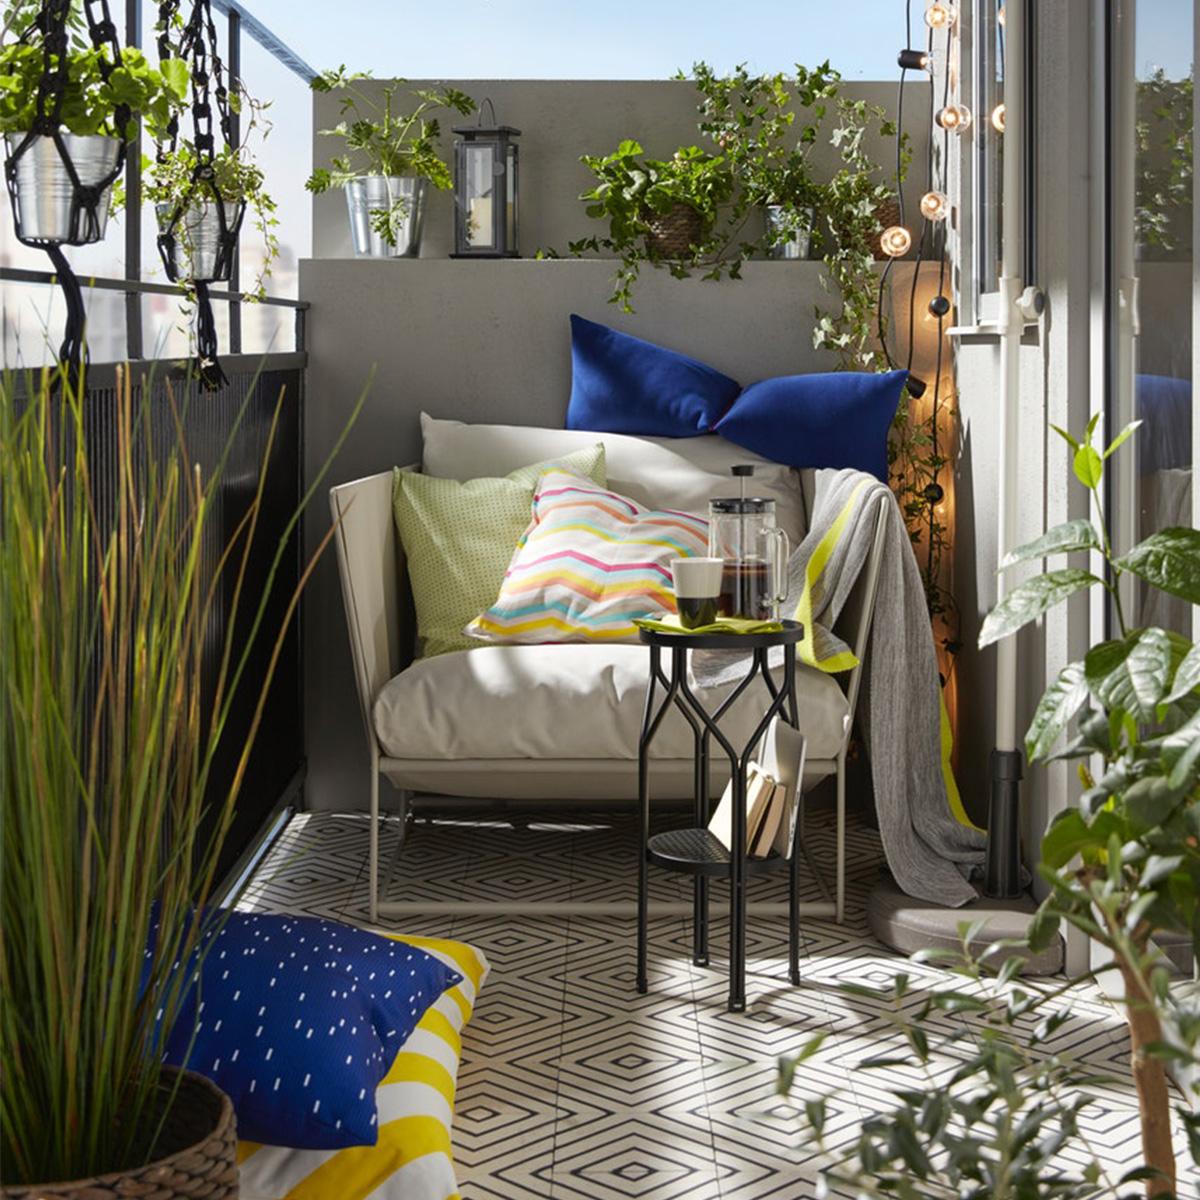 Amenagement Salon De Jardin Charmant Idées Pour L ... concernant Salon Jardin Ikea